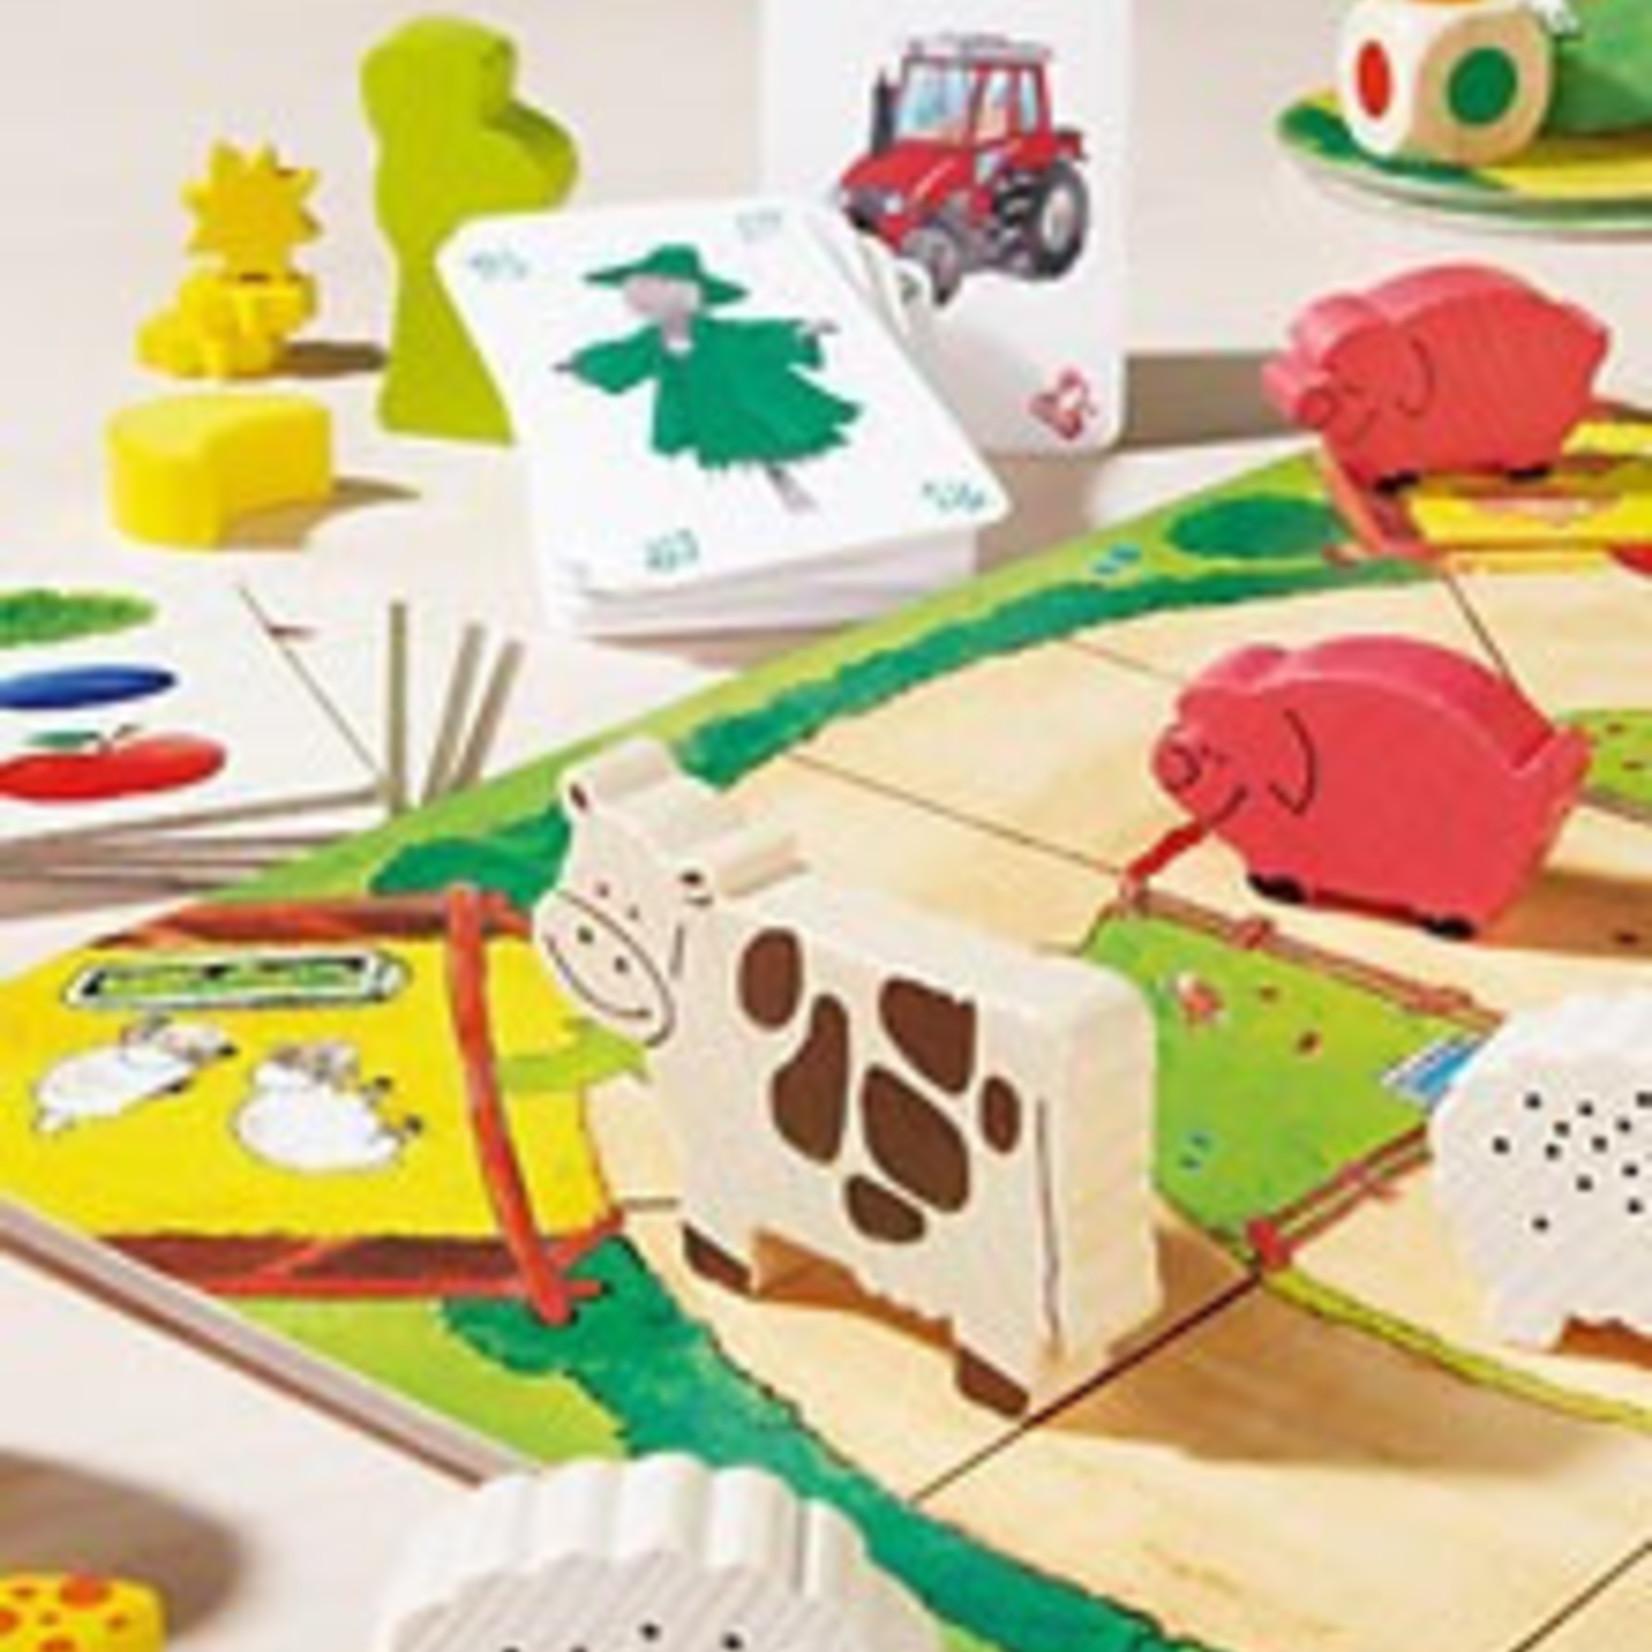 Haba Mijn eerste spelletjesdoos, De grote spelletjesverzameling